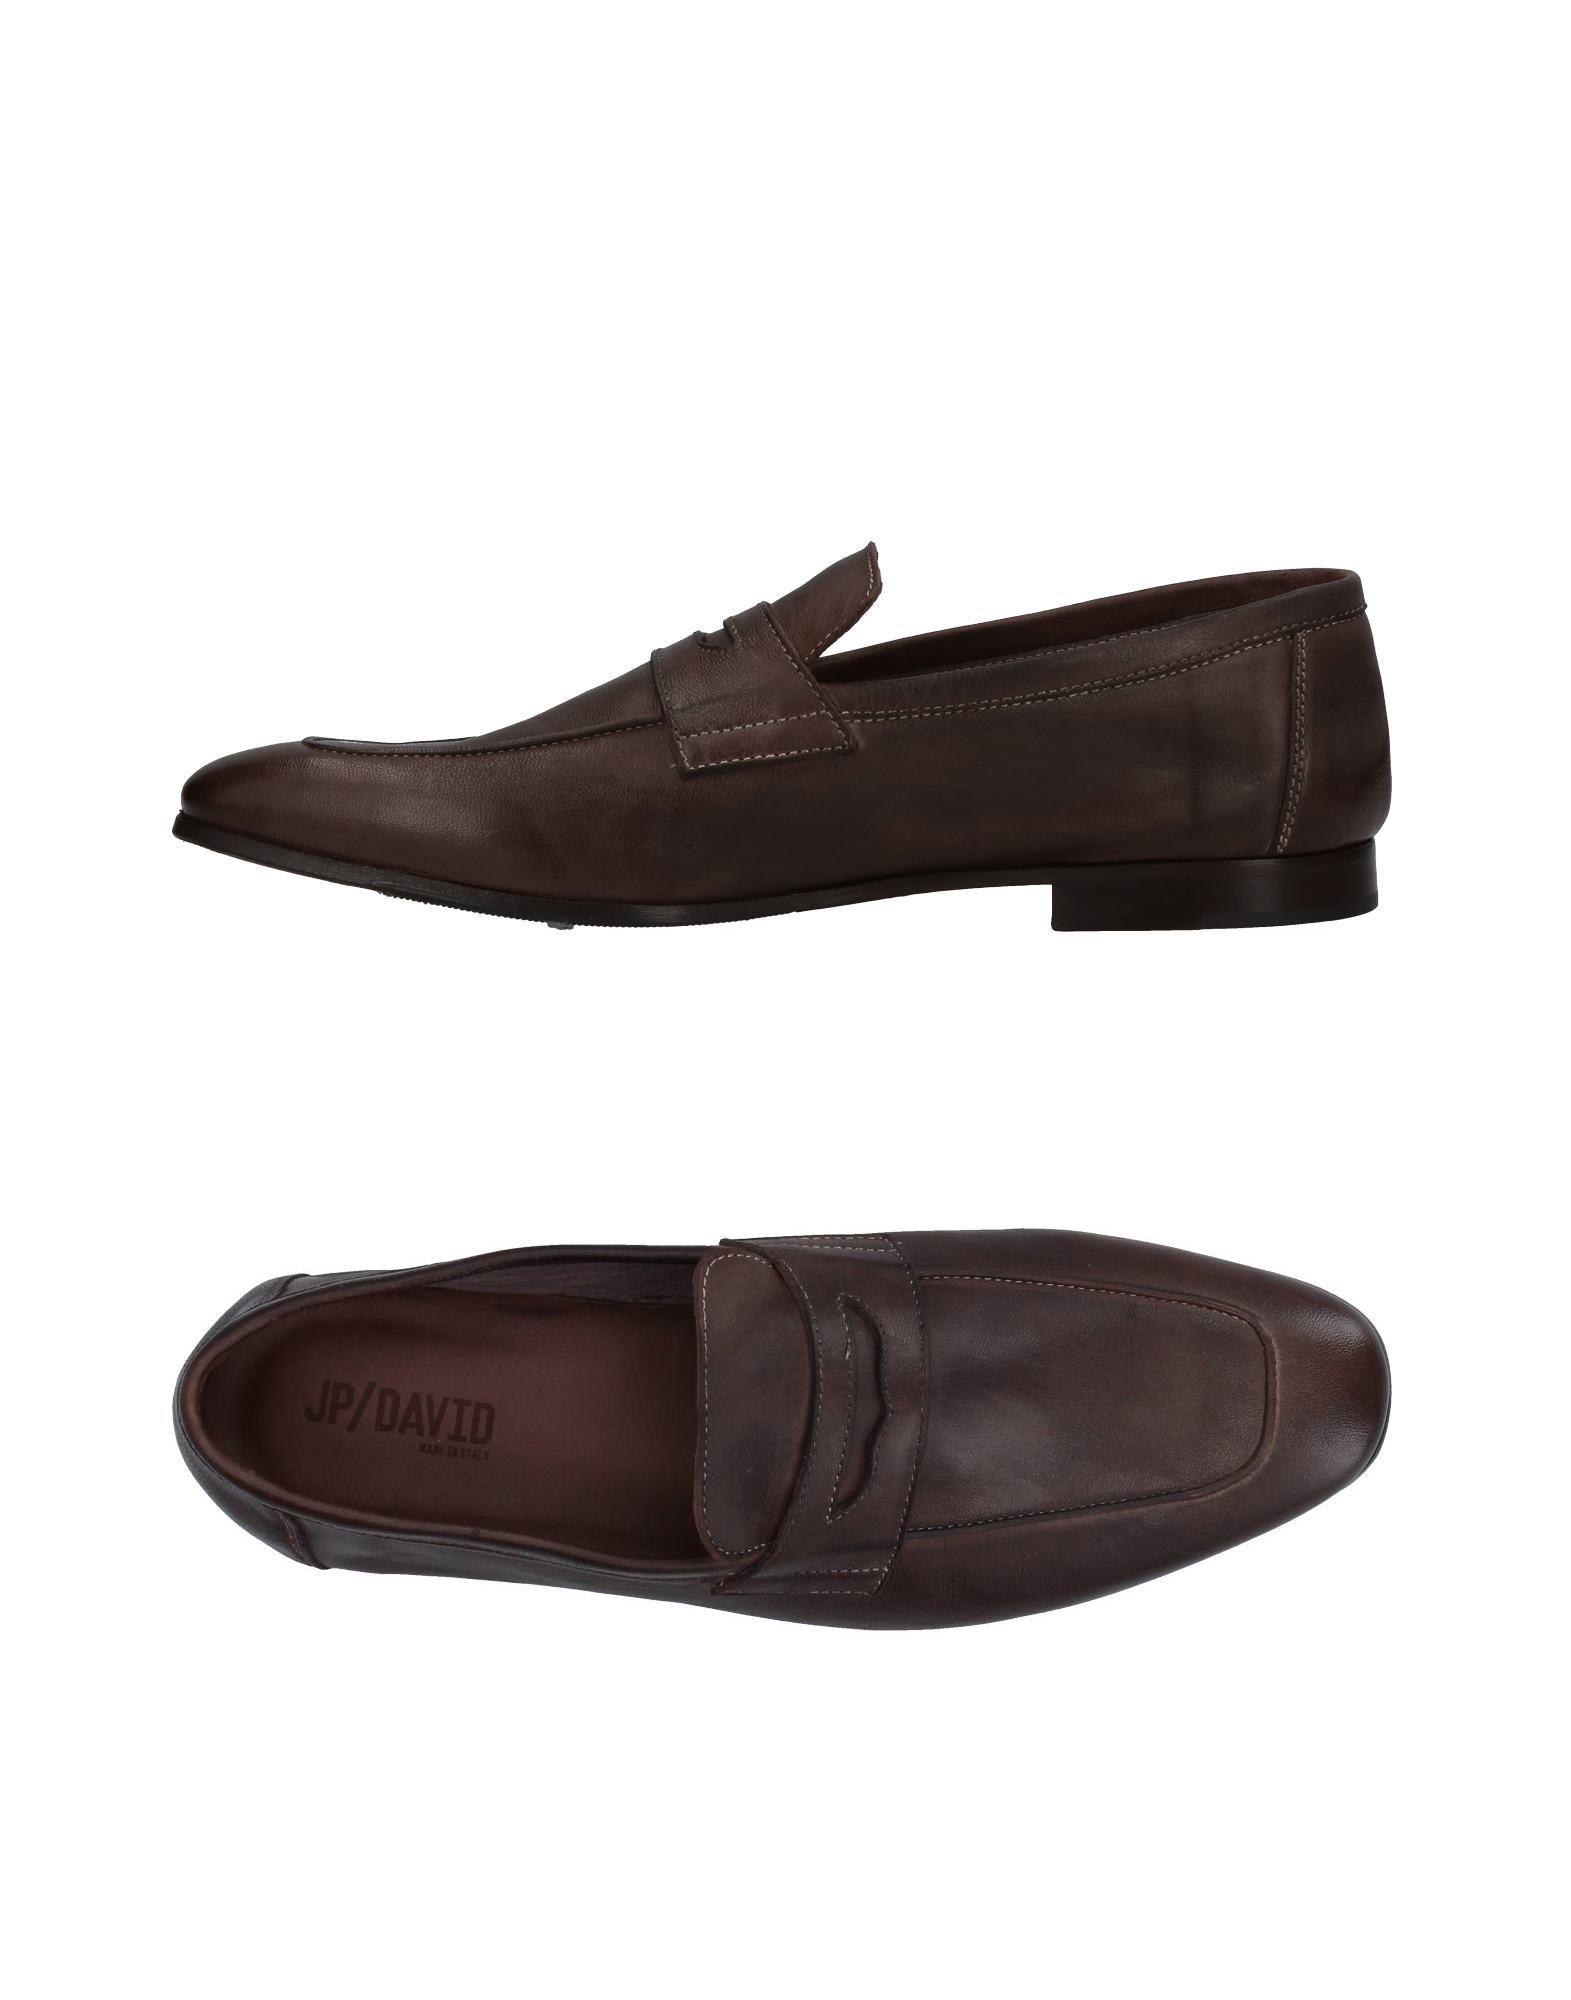 Rabatt echte Schuhe Jp/David Mokassins Herren  11368479EU